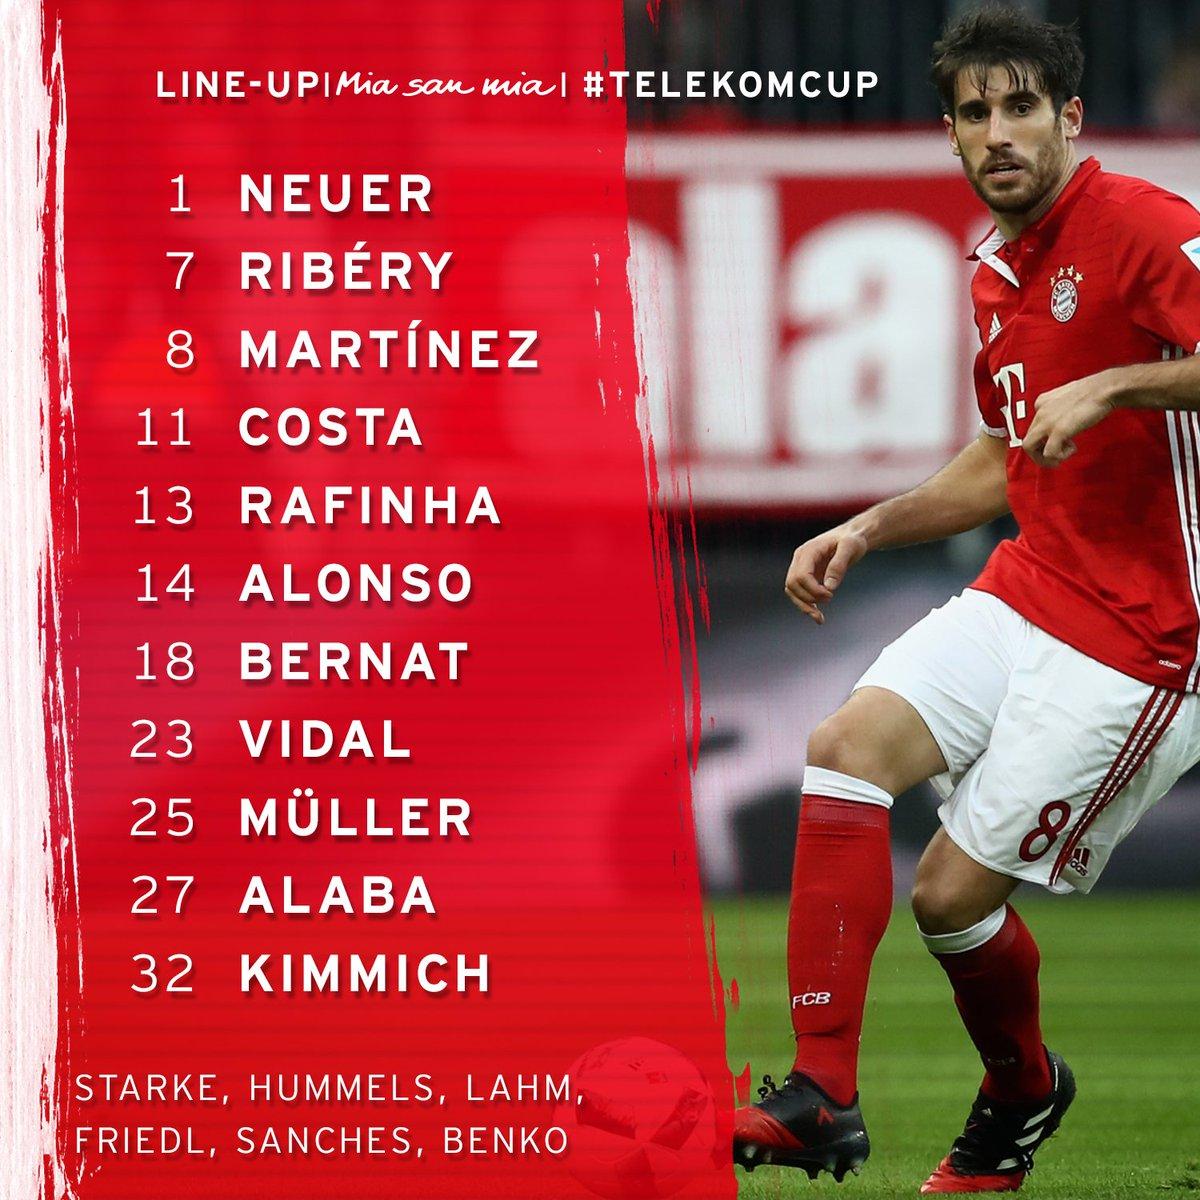 Unsere Aufstellung für Spiel 1 im #TelekomCup gegen Düsseldorf! #packm...